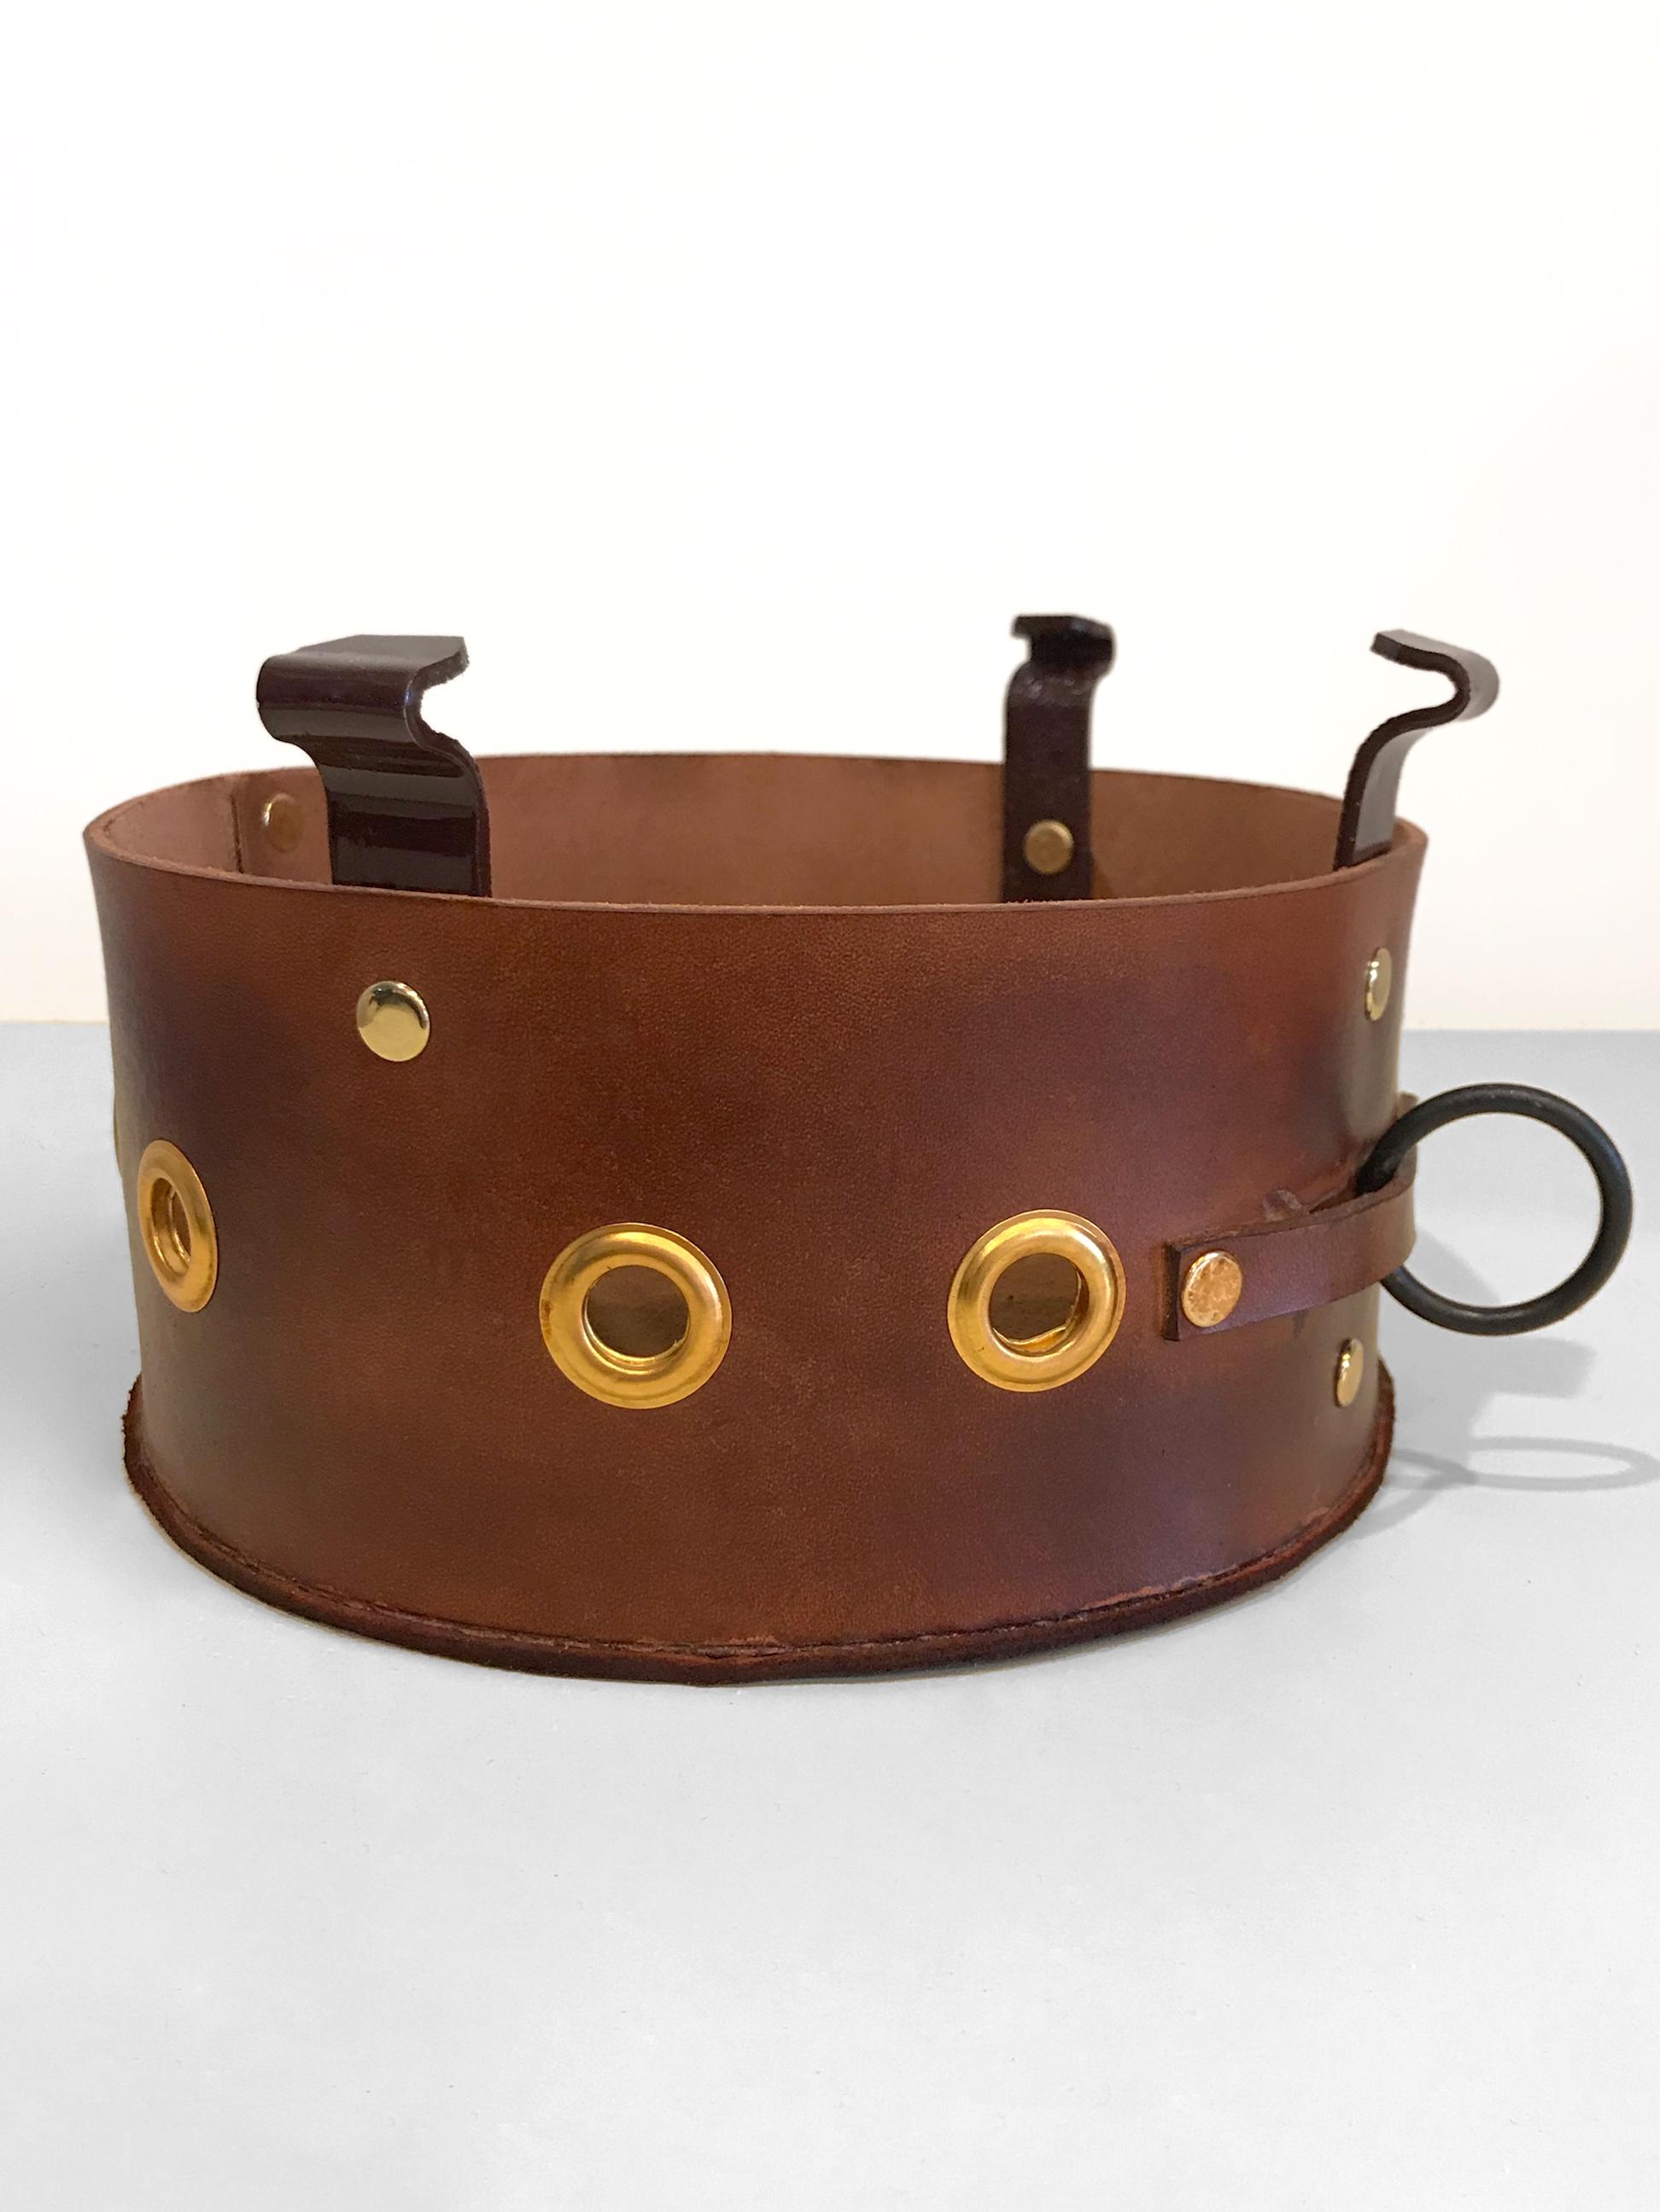 leather trombone bucket mute